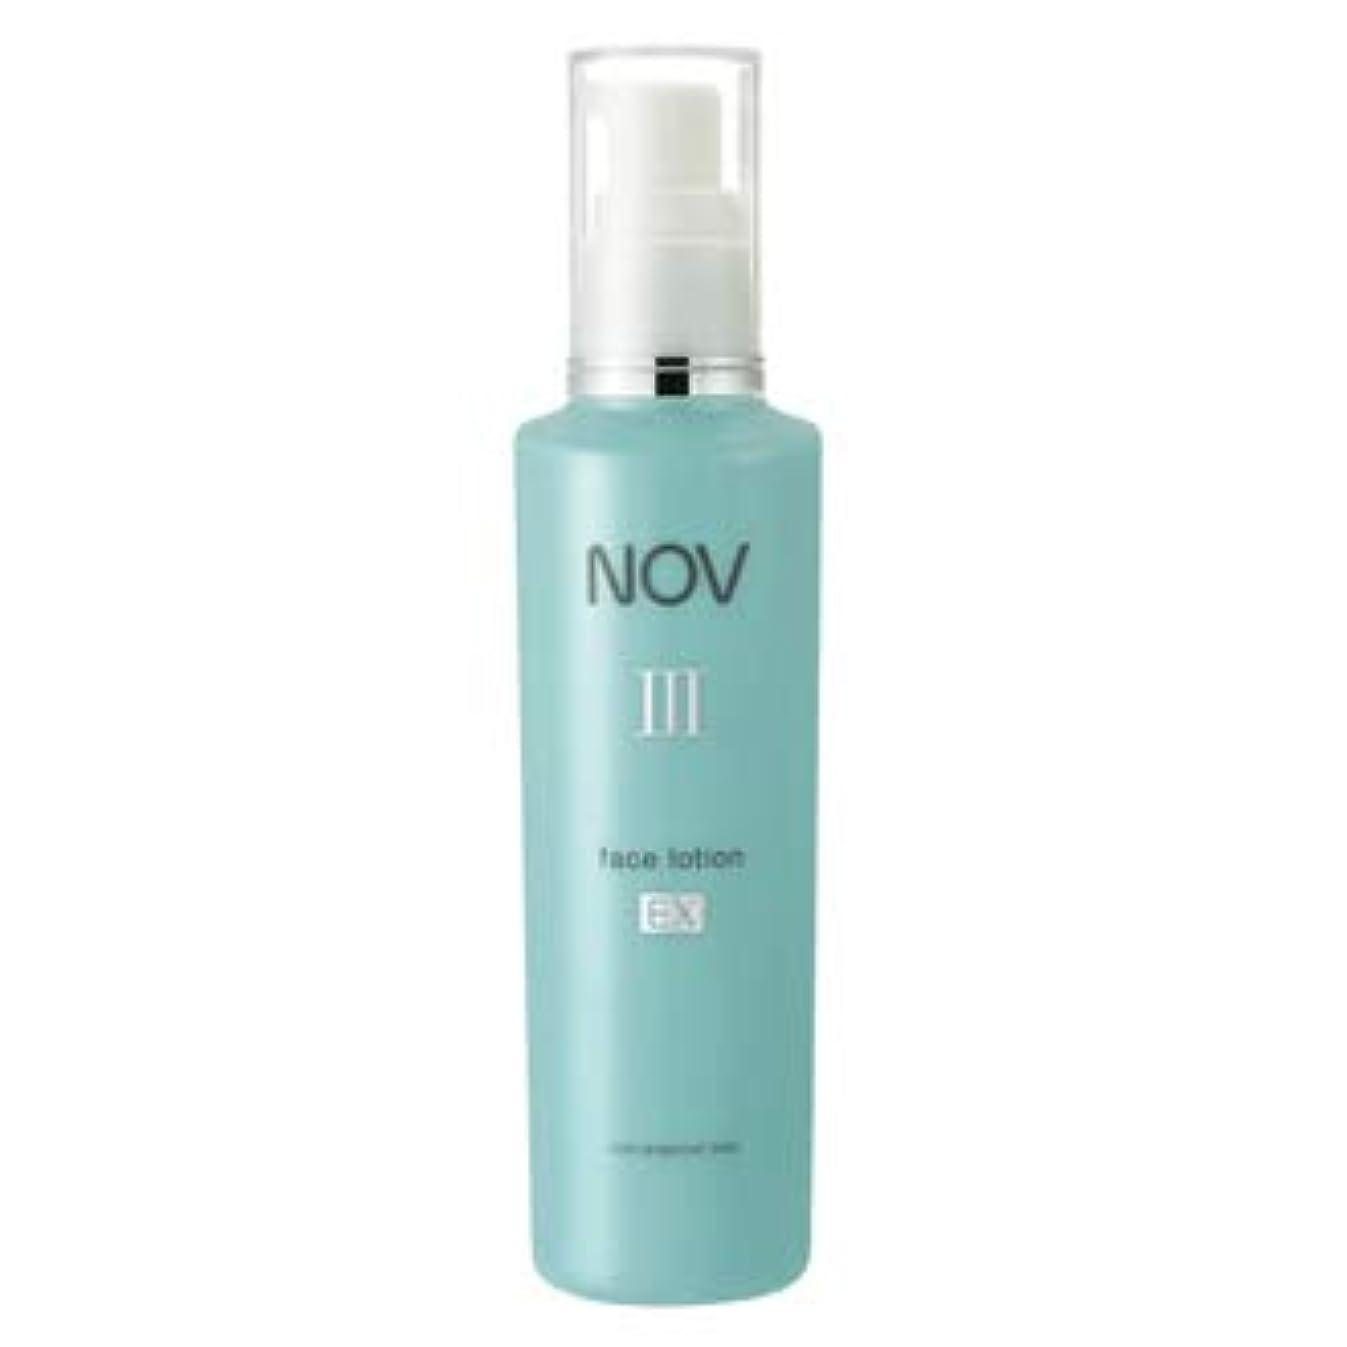 適合彼のに対処するノブ Ⅲ フェイスローション EX 120ml 高保湿化粧水 [並行輸入品]